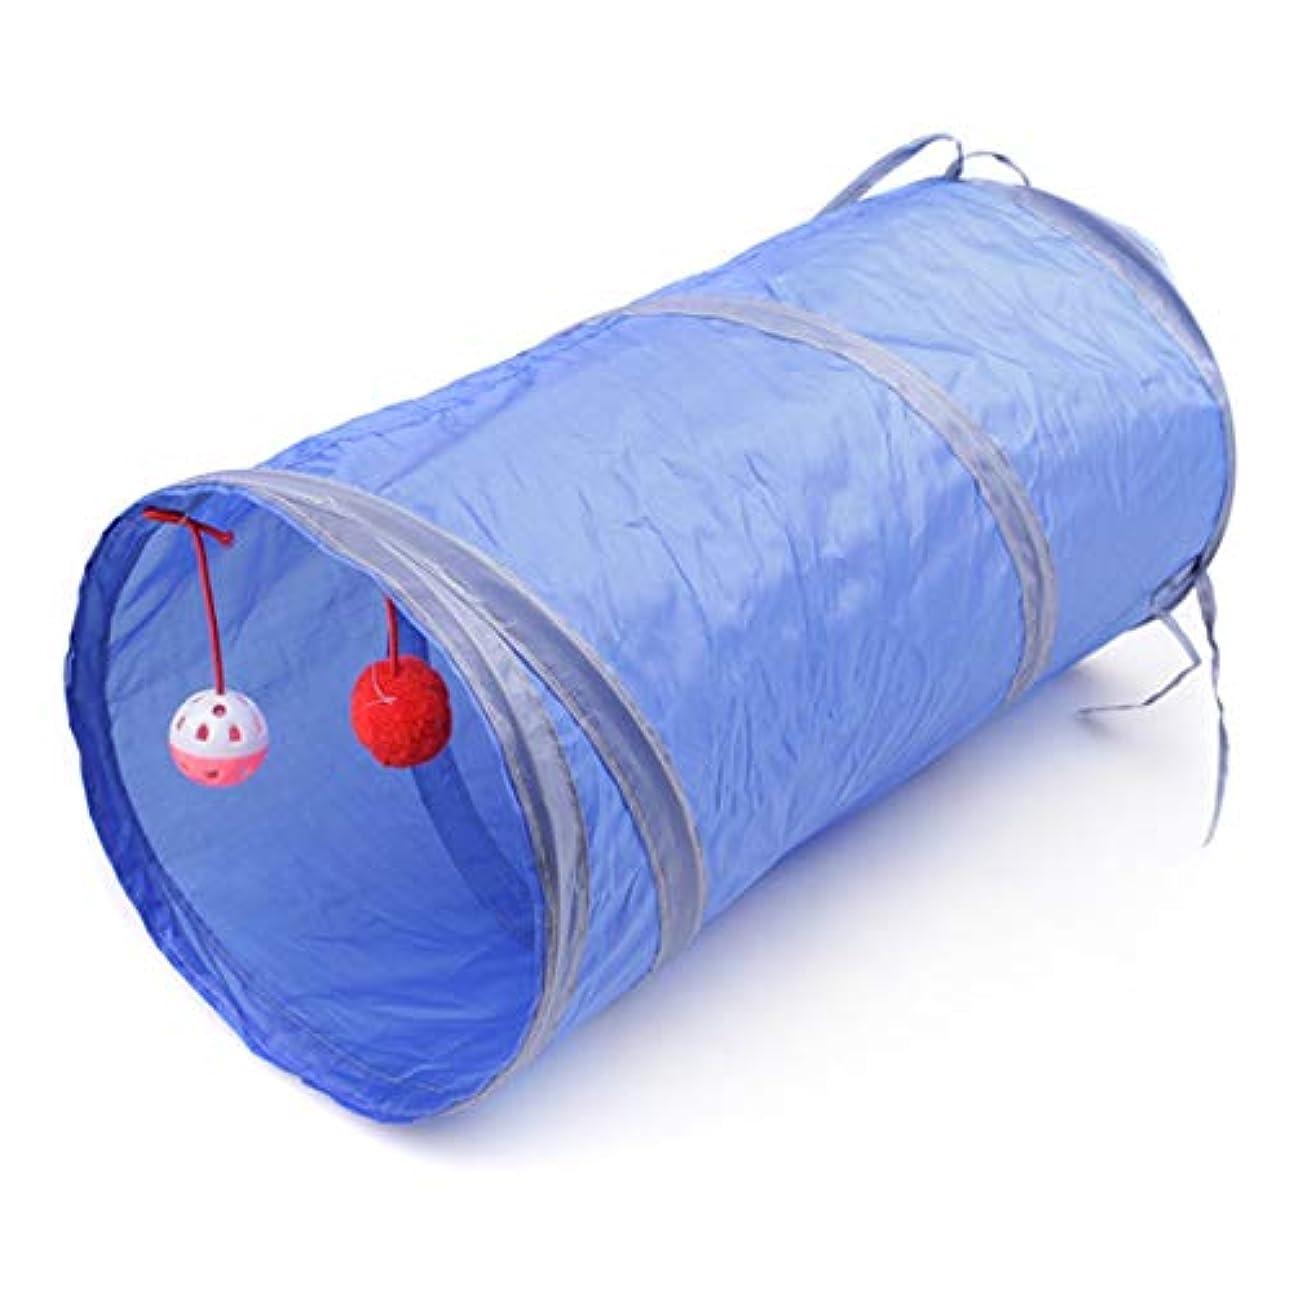 活性化するを通して隔離Tivollyff 折りたたみペット犬猫トンネル玩具屋内屋外ホームポリエステル折りたたみトレーニングトンネルペットアクセサリーペット用品